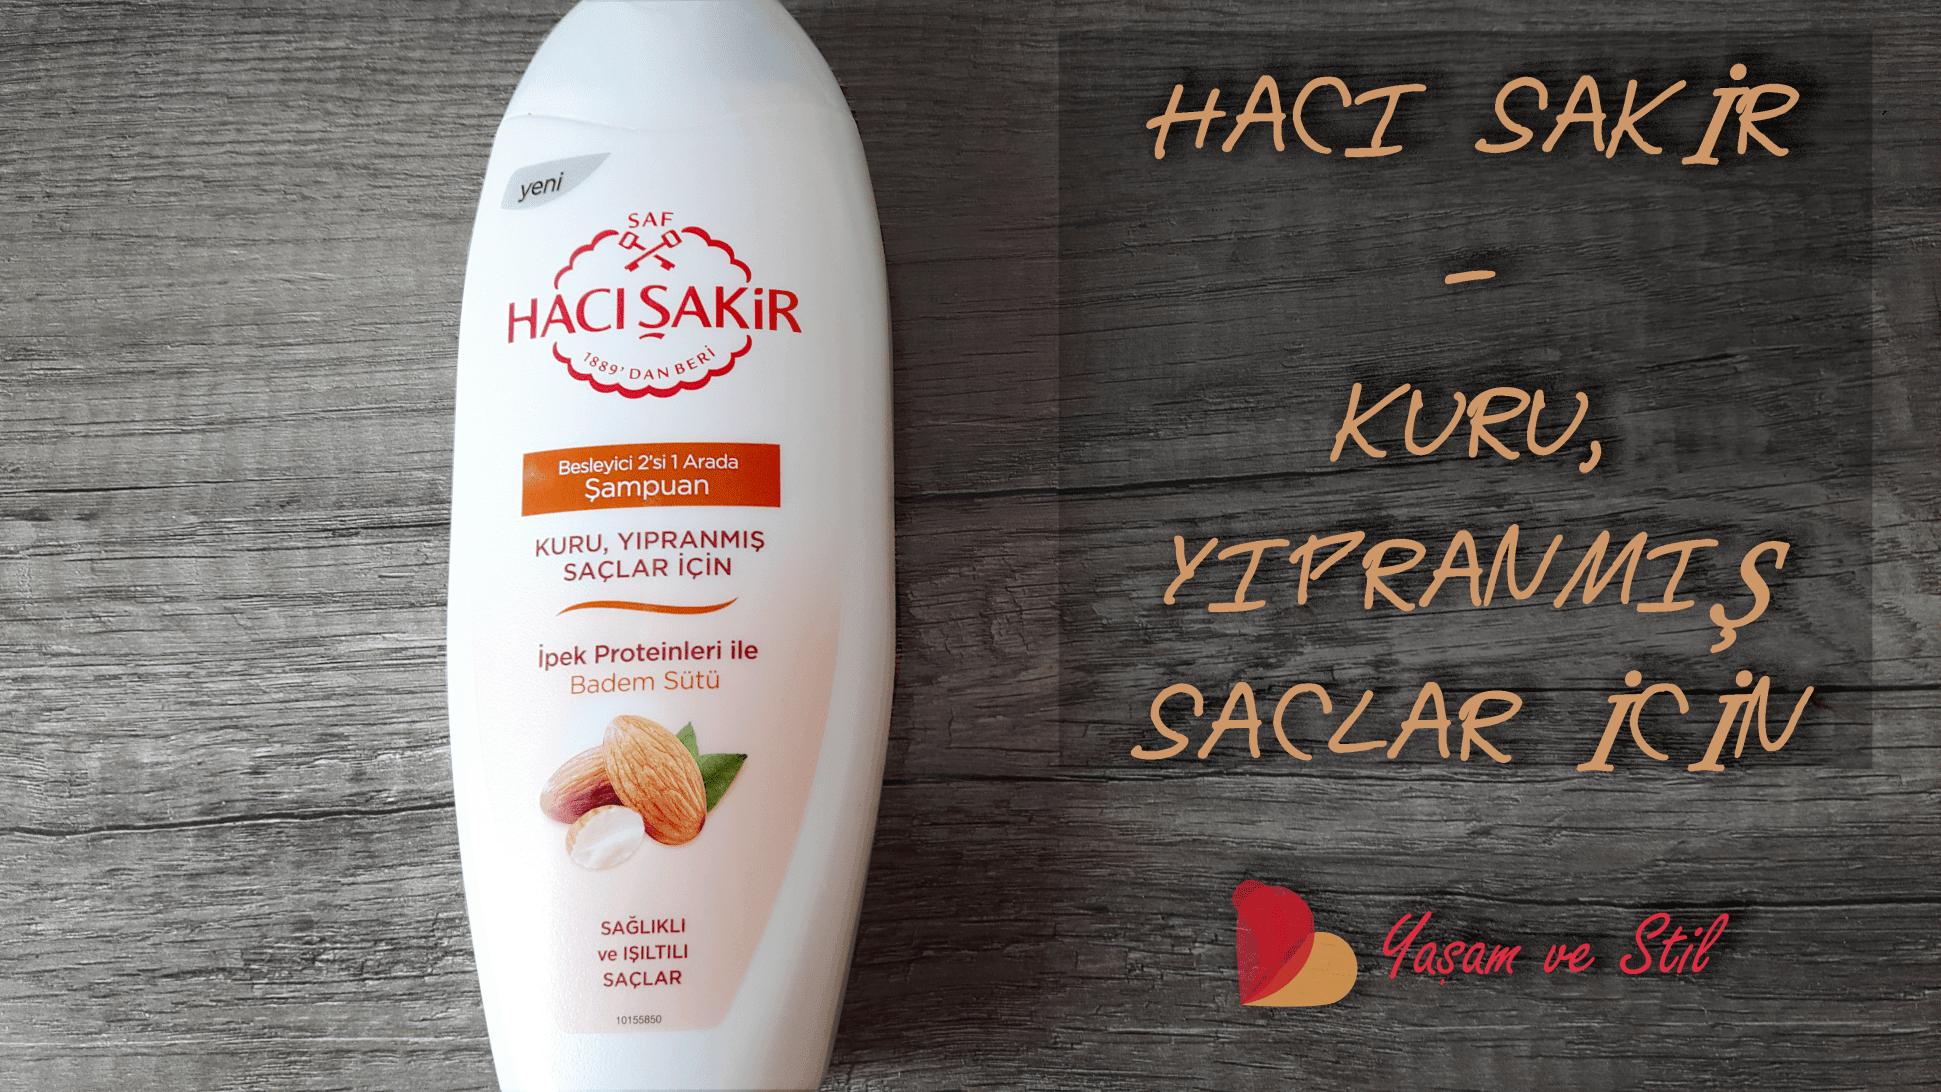 Hacı Şakir Kuru Yıpranmış Saçlar İçin Şampuan Kullanıcı Yorumları